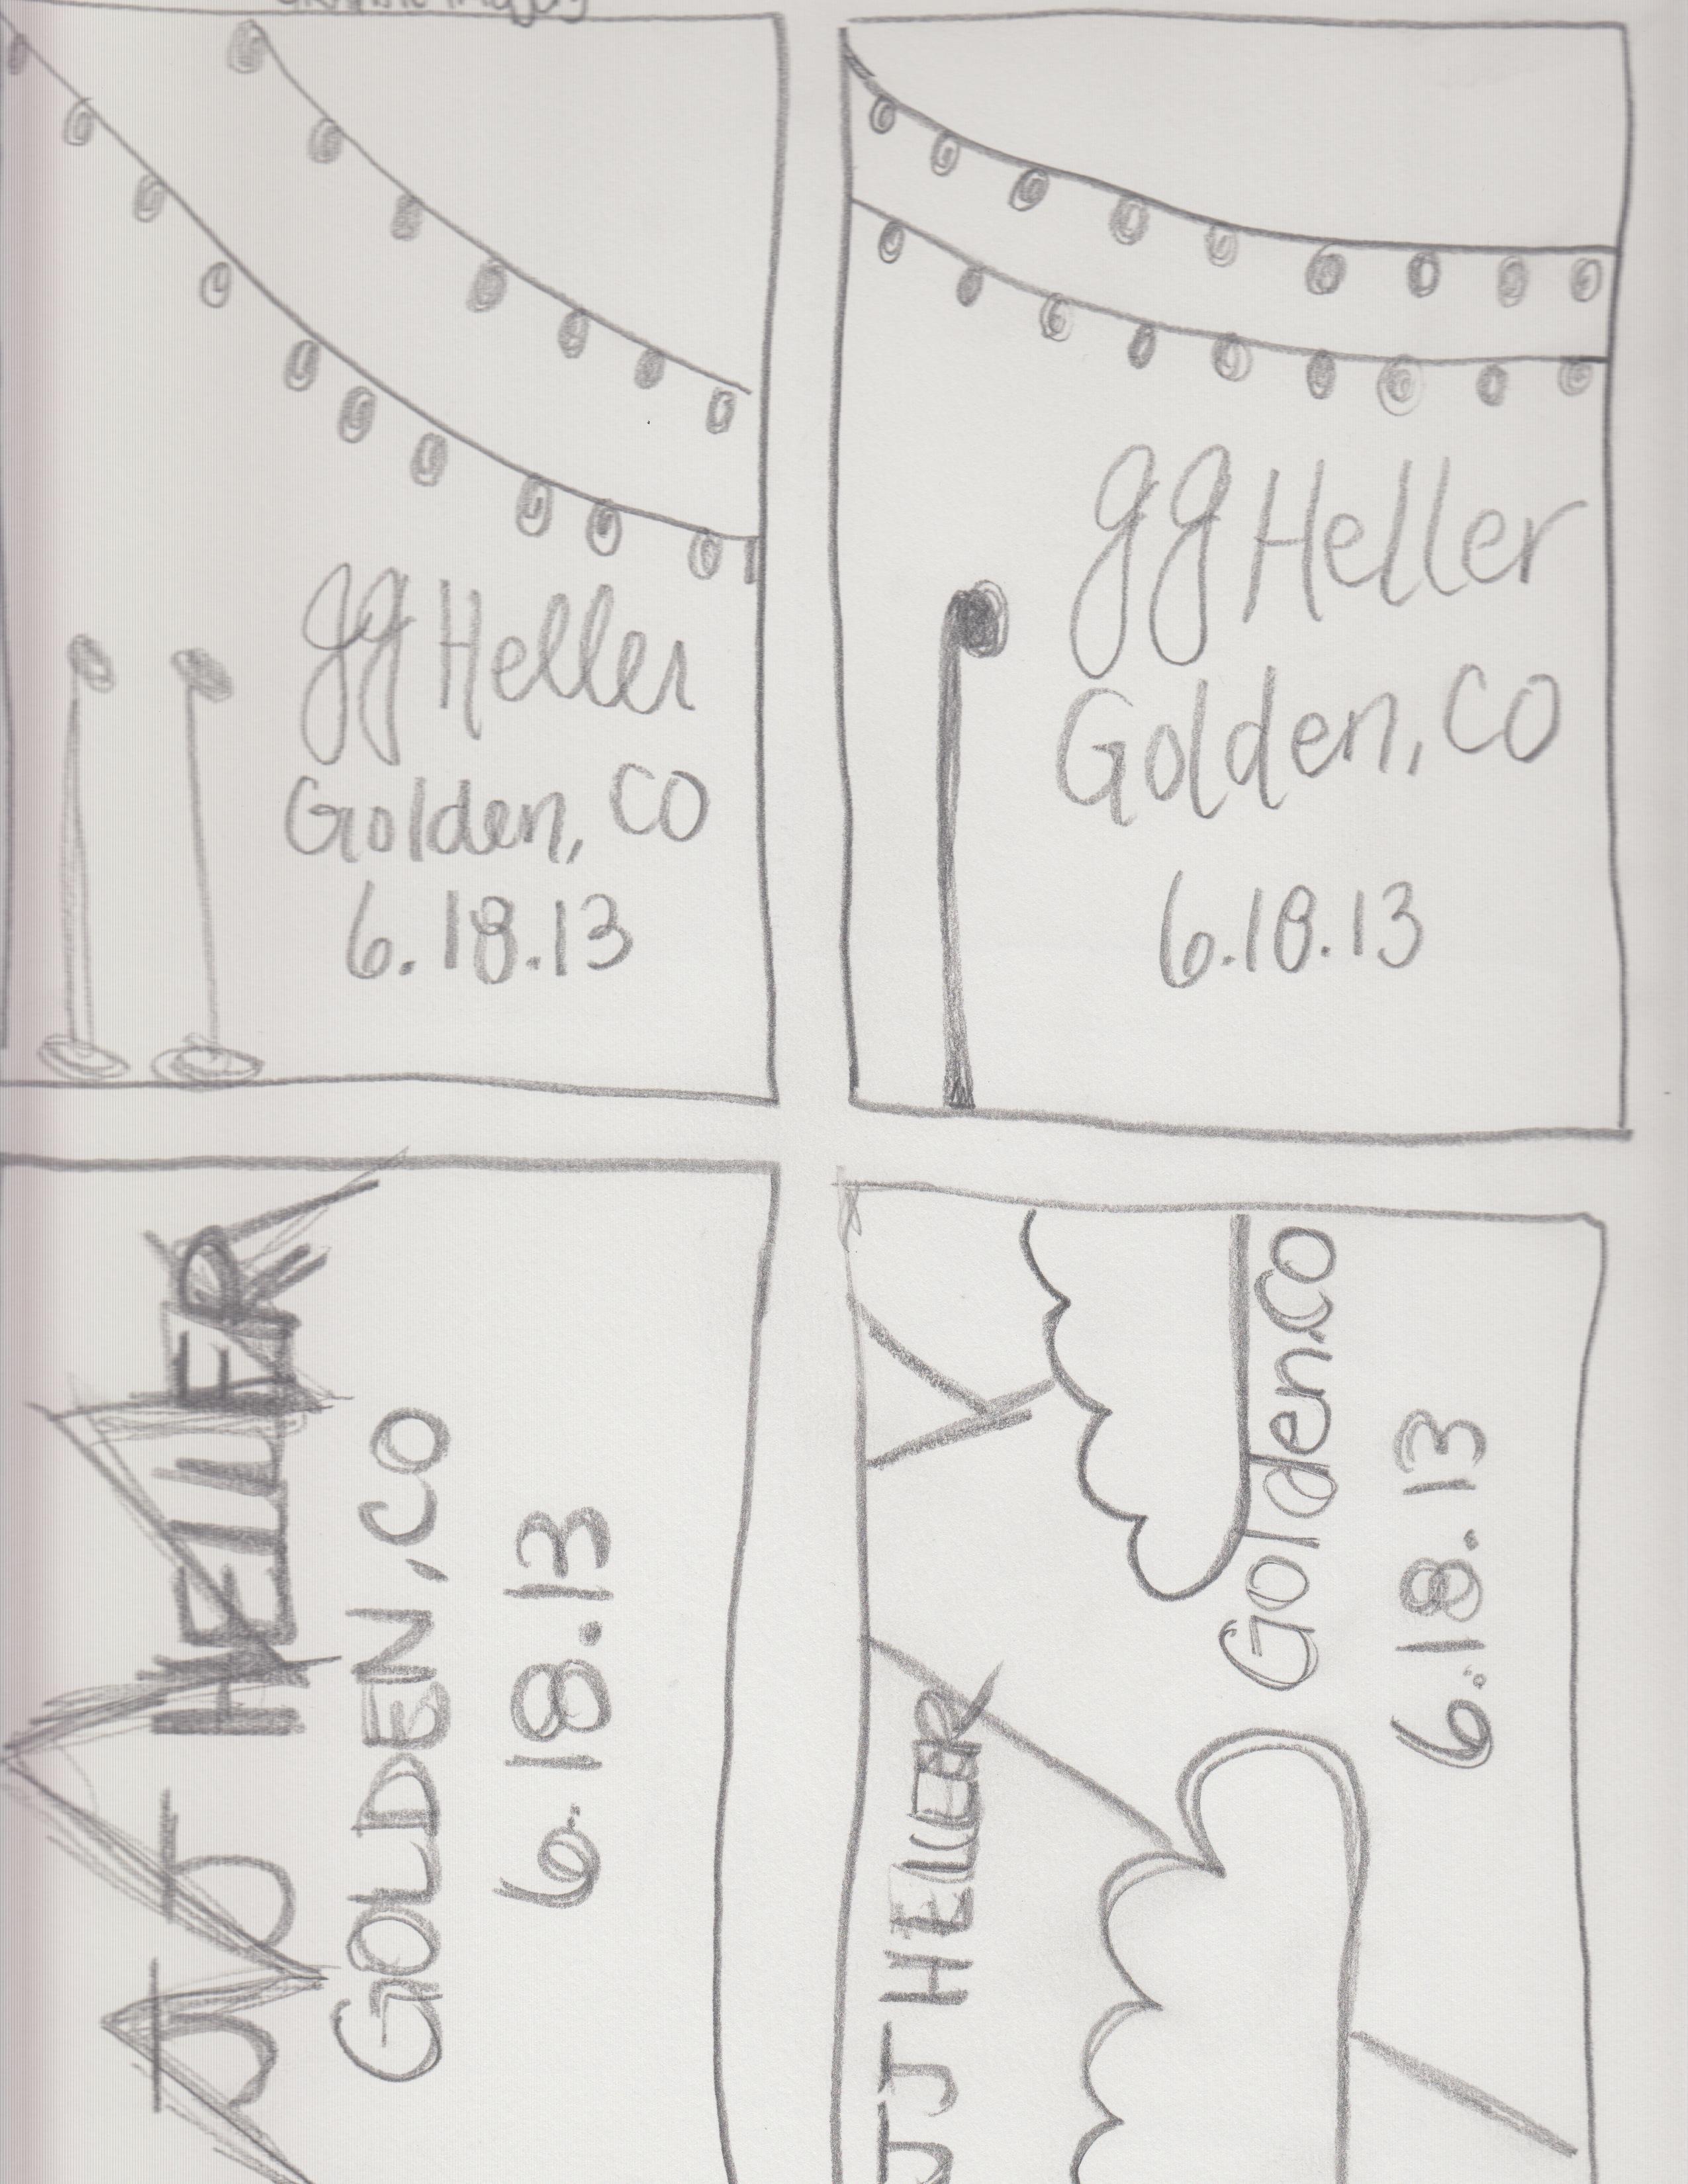 JJ Heller- Golden, CO  - image 3 - student project